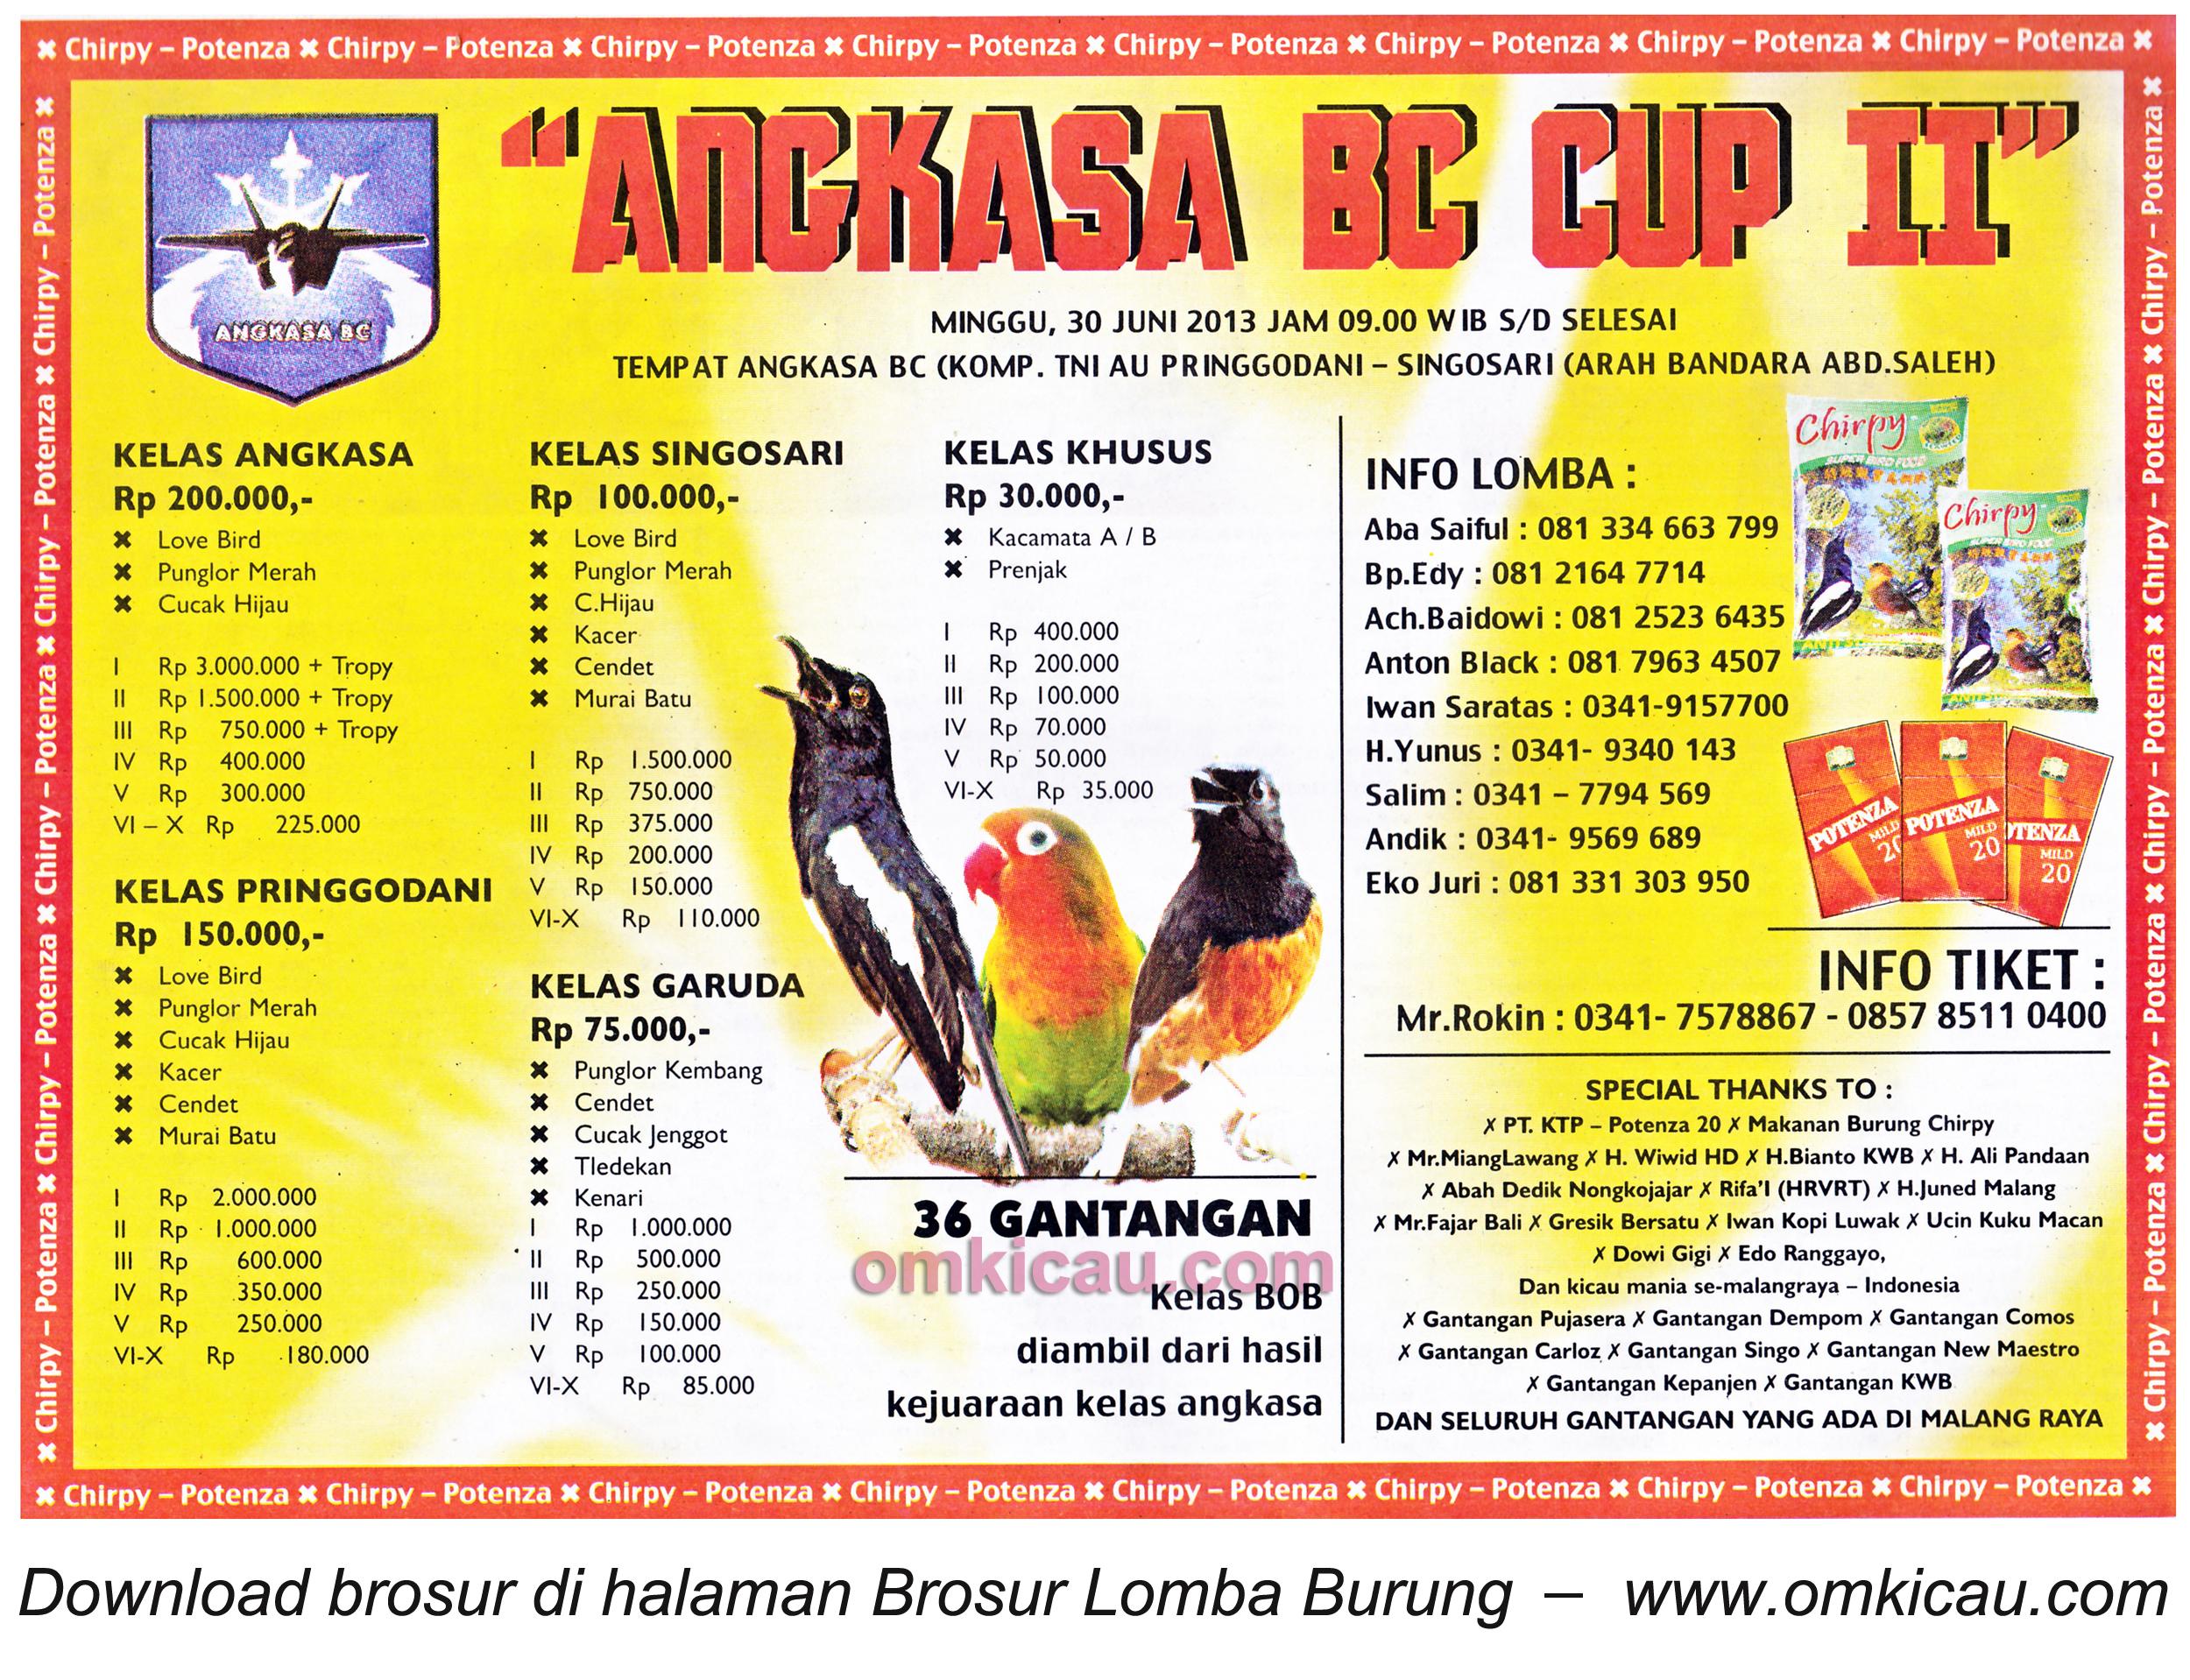 Brosur Lomba Burung Angkasa BC Cup Kab Malang 30 Juni 2013